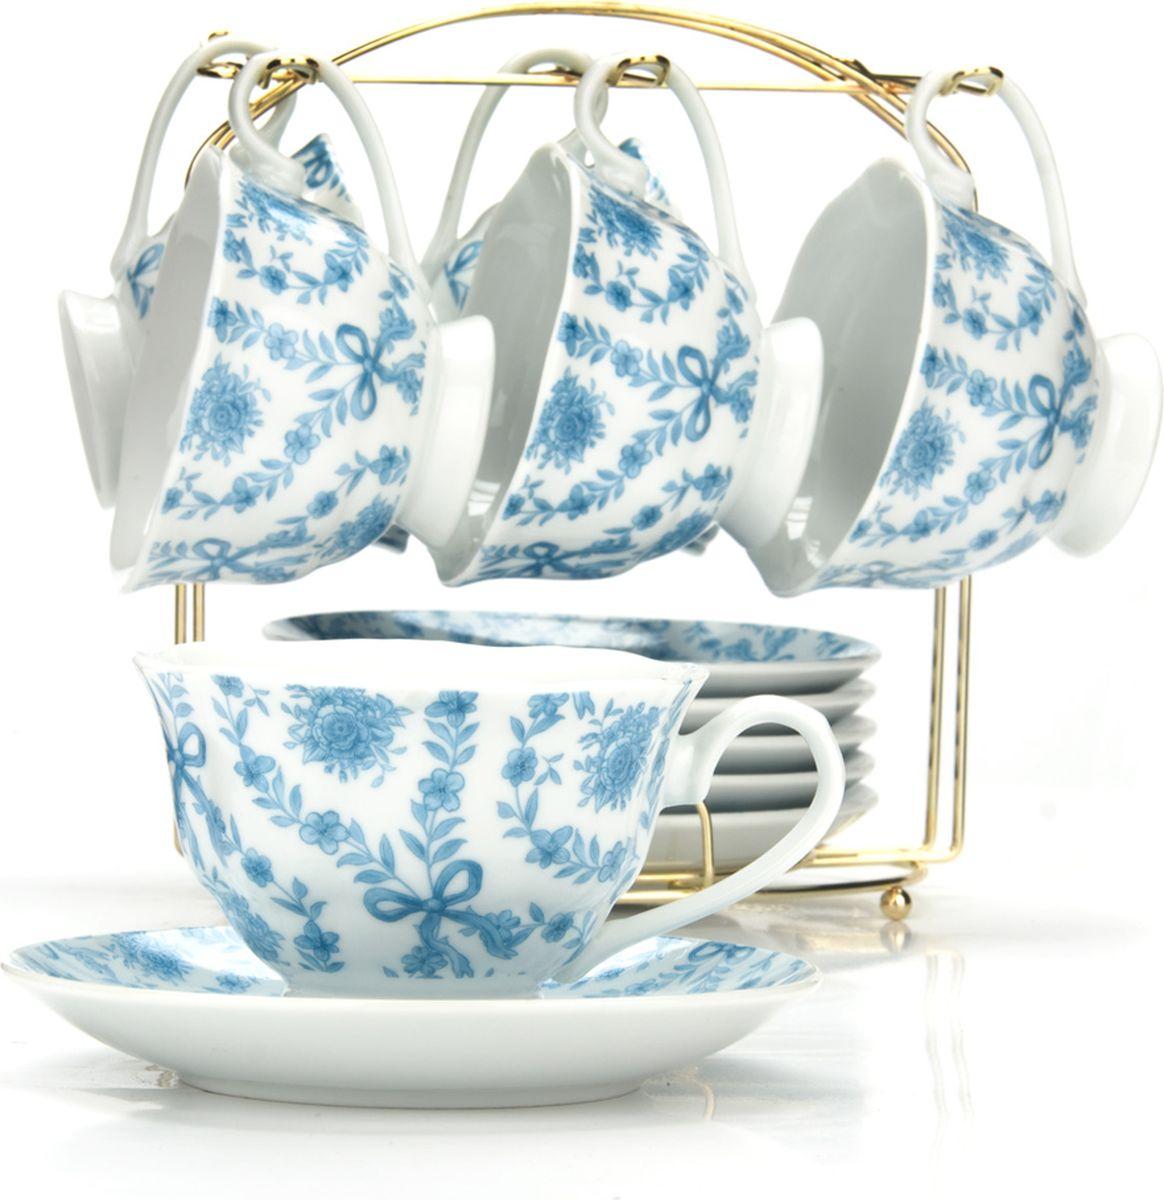 Сервиз чайный Loraine, на подставке, 13 предметов. 43294 сервиз чайный loraine на подставке 13 предметов 43283